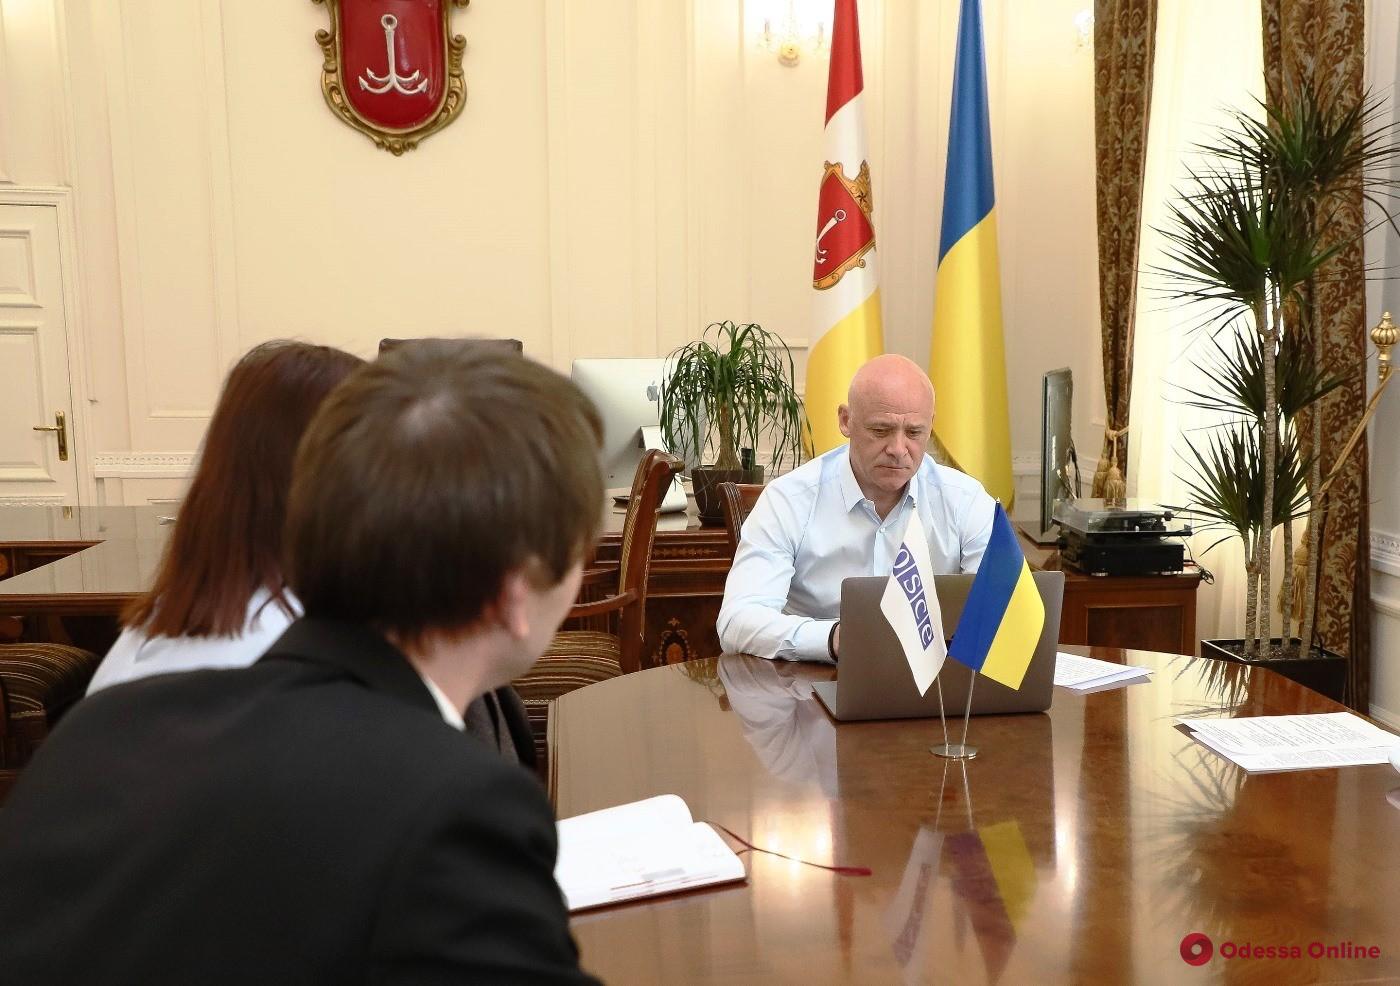 Мэр обсудил ситуацию с коронавирусом с главой представительства миссии ОБСЕ в Одессе